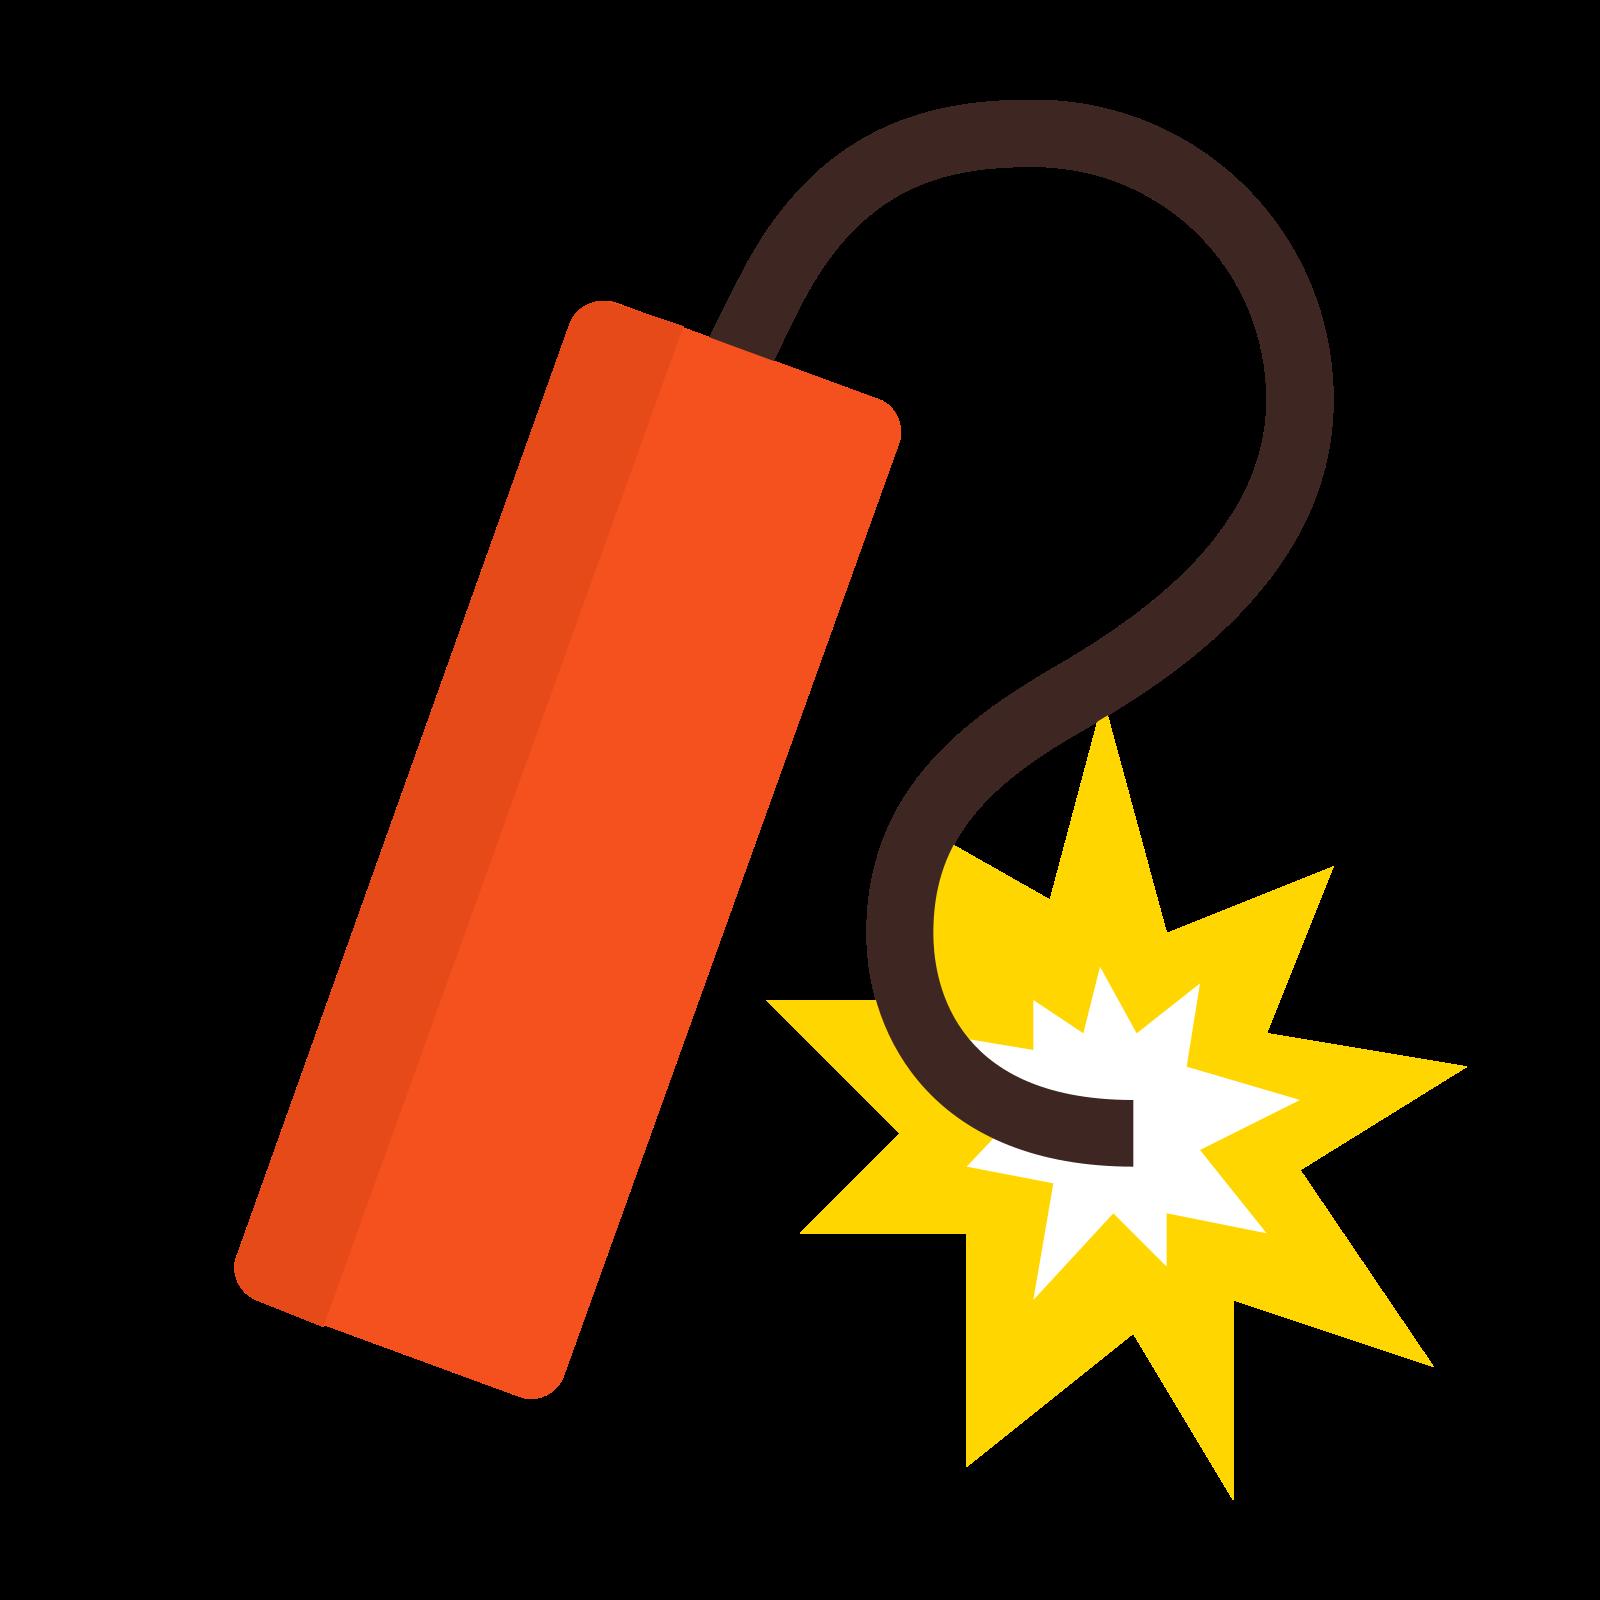 Dynamit icon